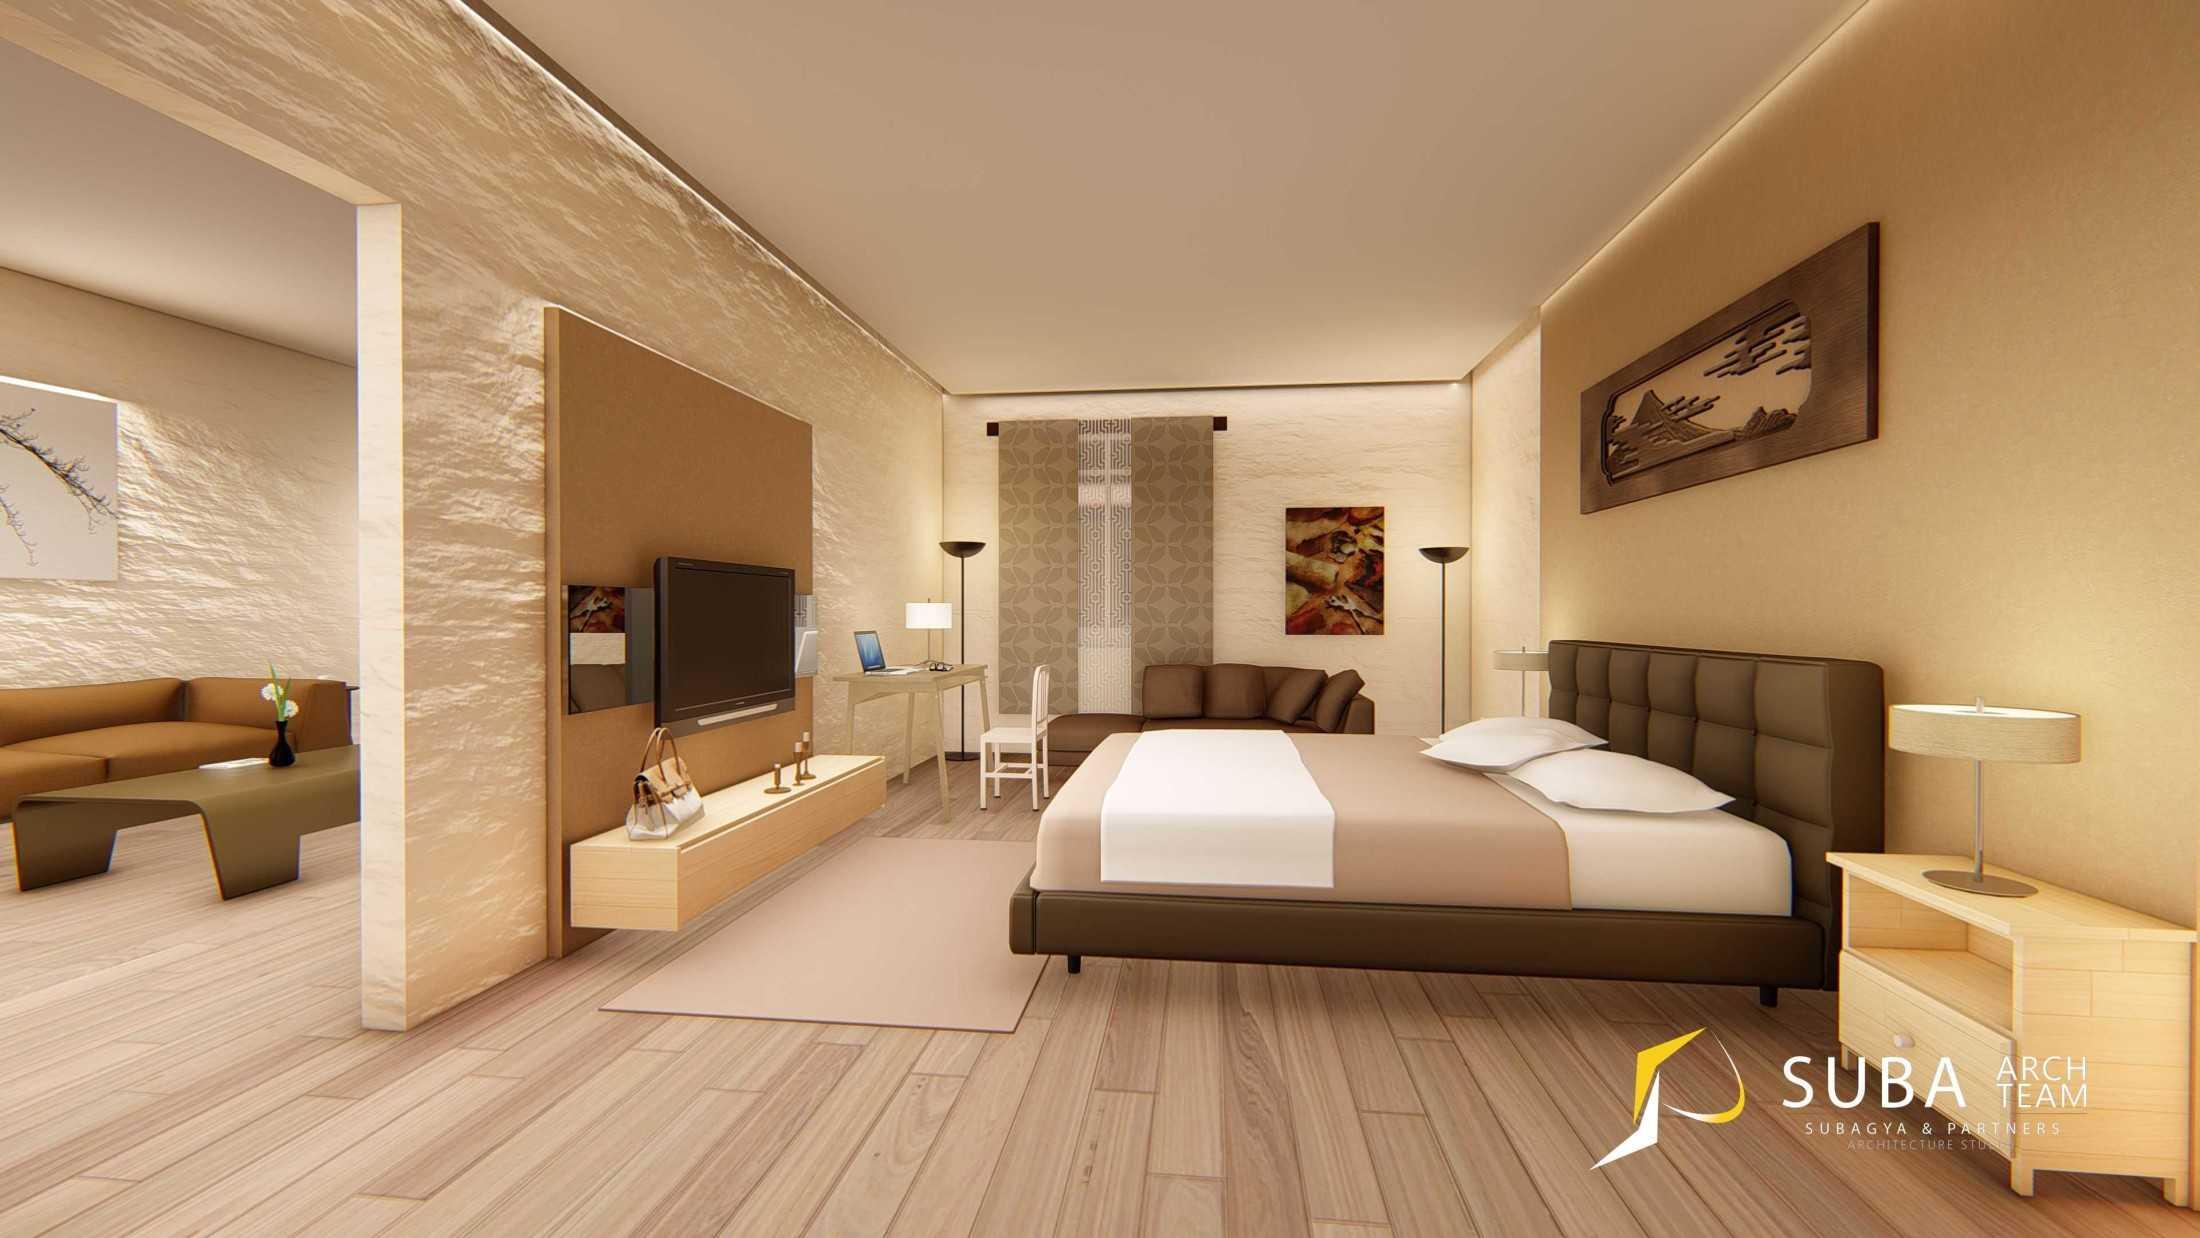 Suba-Arch Perencanaan Resort Cikembar Cikembar, Sukabumi, Jawa Barat, Indonesia Cikembar, Sukabumi, Jawa Barat, Indonesia Moch-Restu-Subagya-Sars-Perencanaan-Resort-Cikembar Minimalist 57666